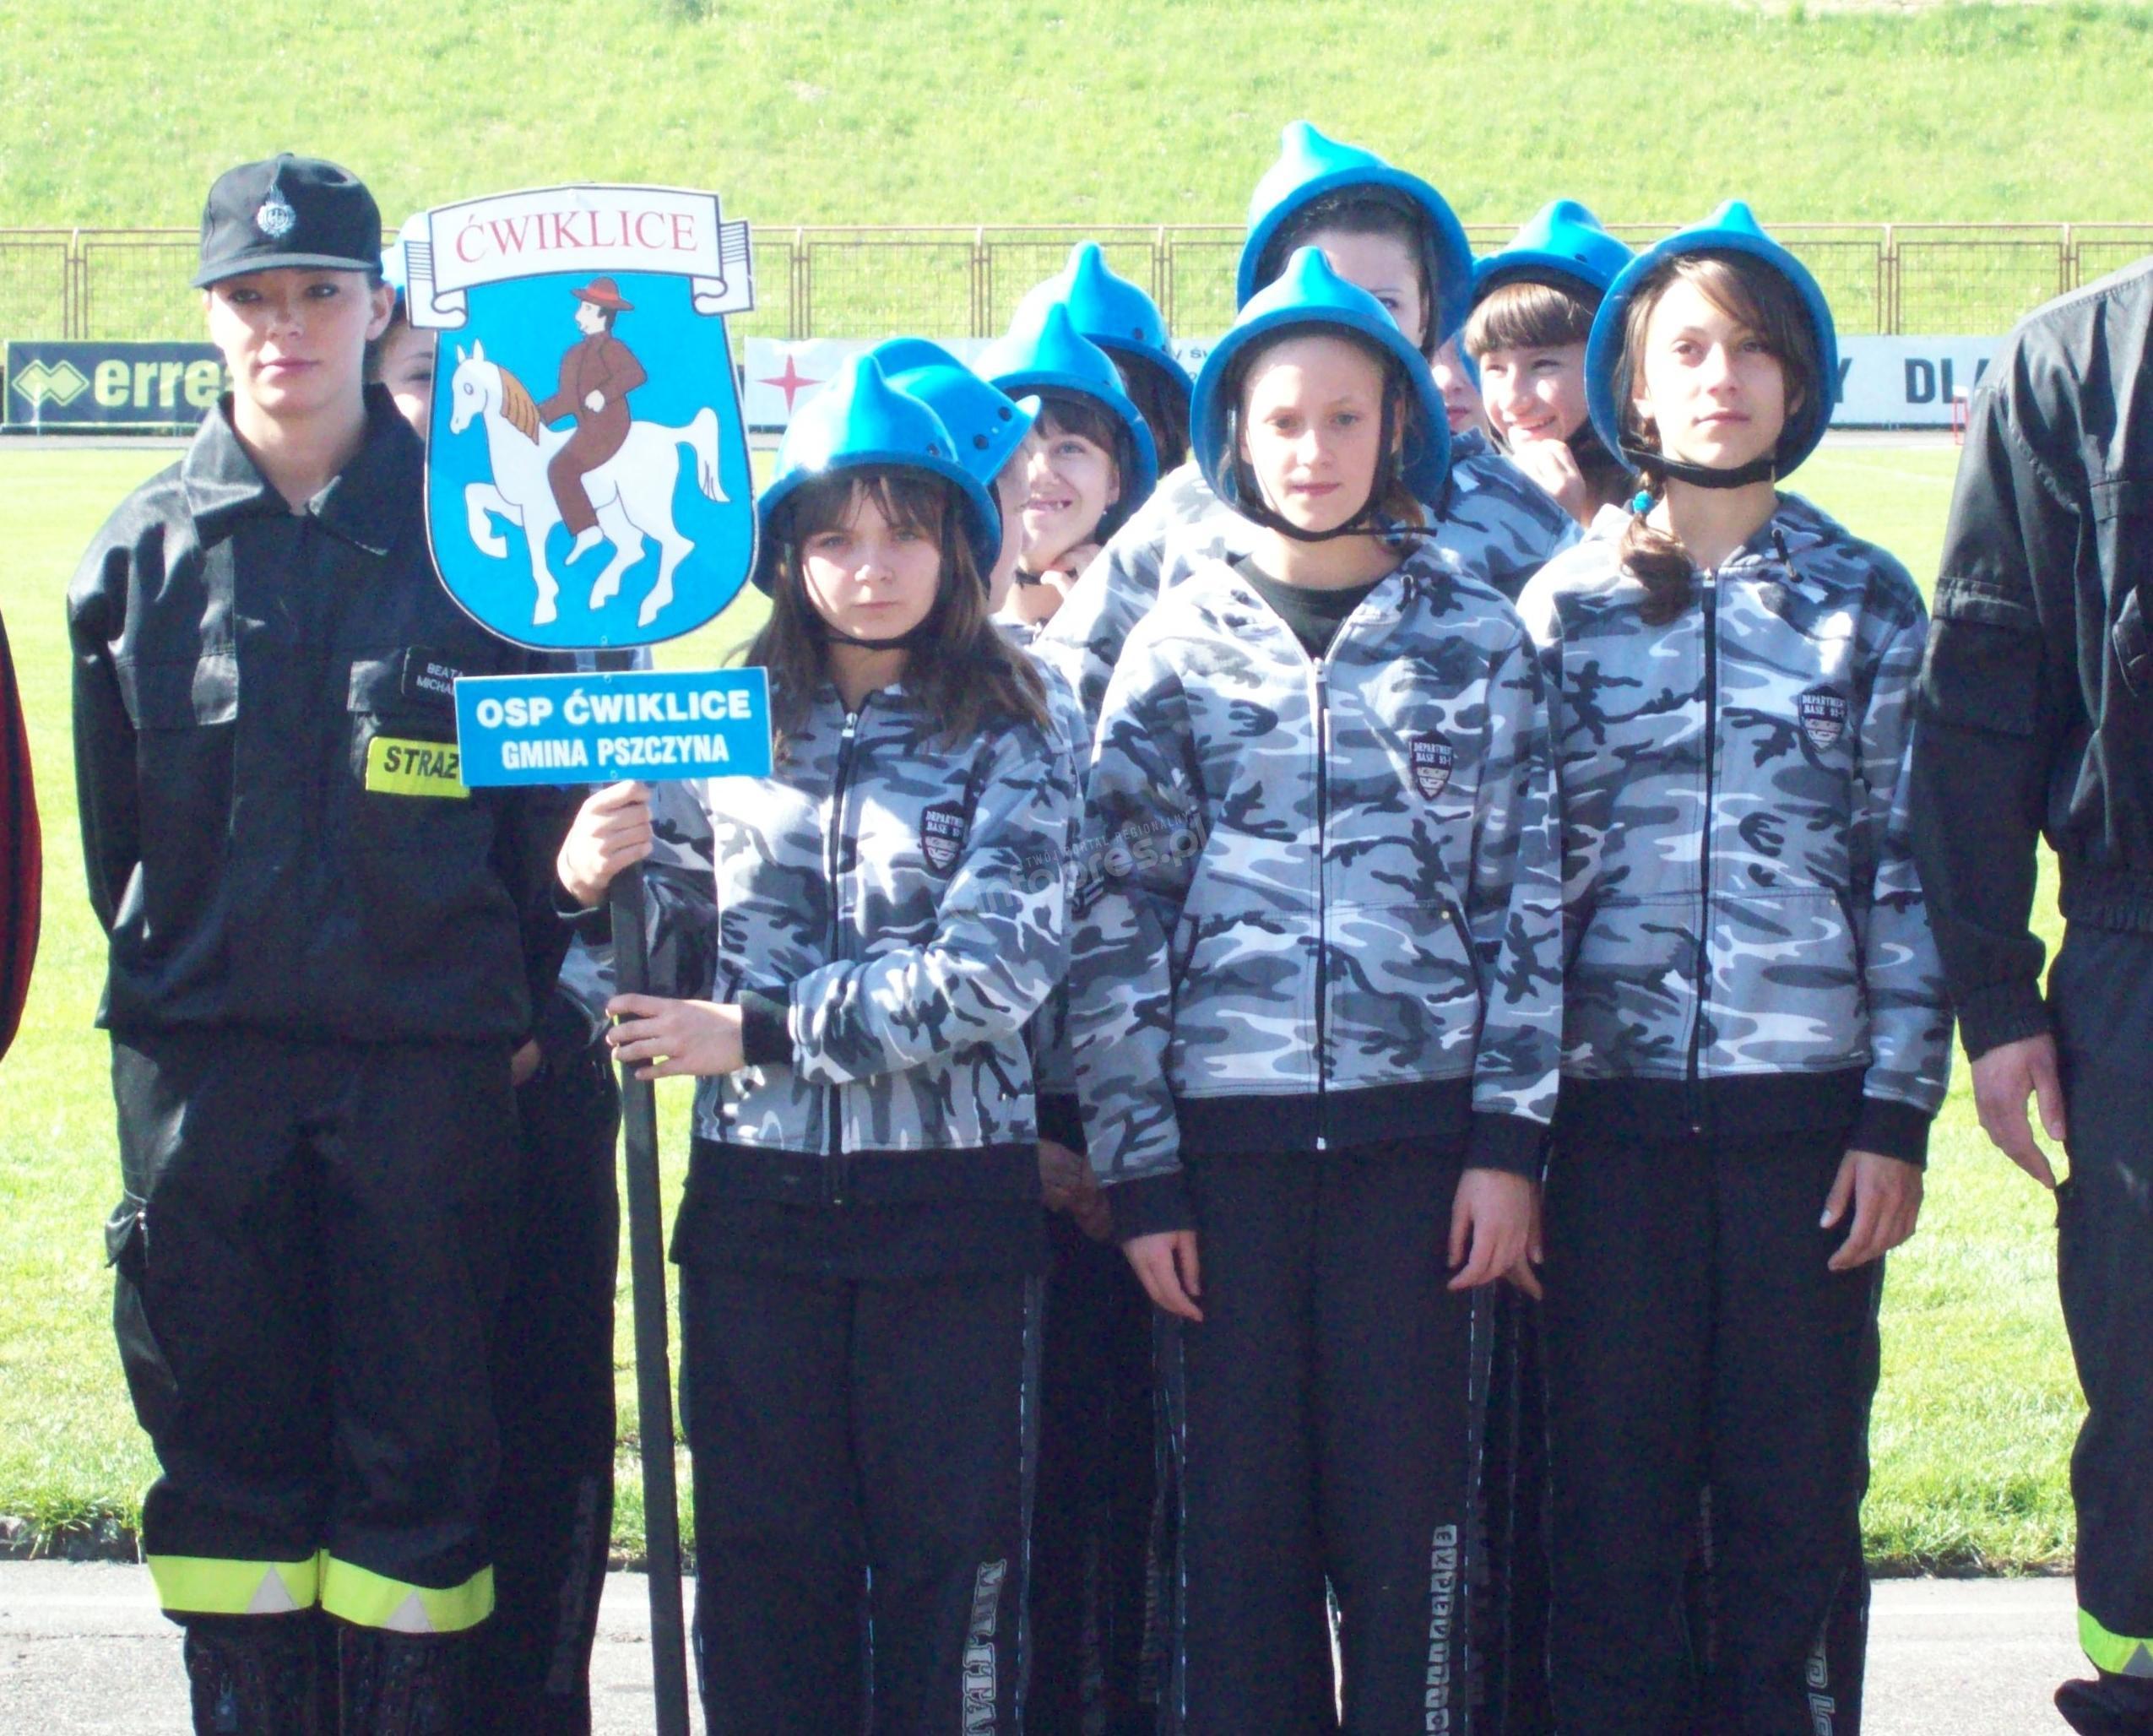 OSP Ćwiklice i Pawłowice na podium zawodów wojewódzkich